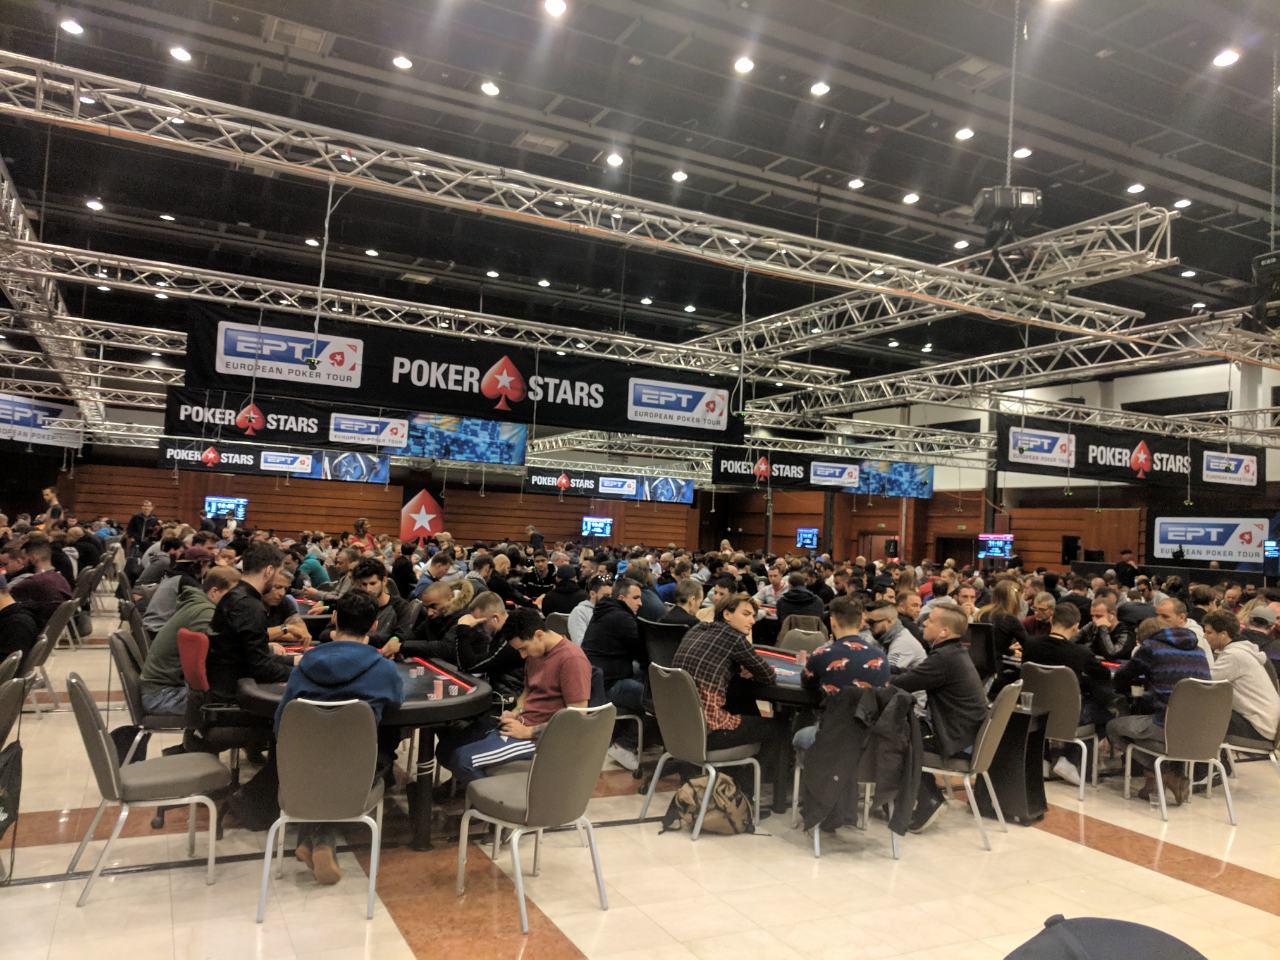 Этап Европейского покерного тура в Праге, куда мечтает попасть Сергей